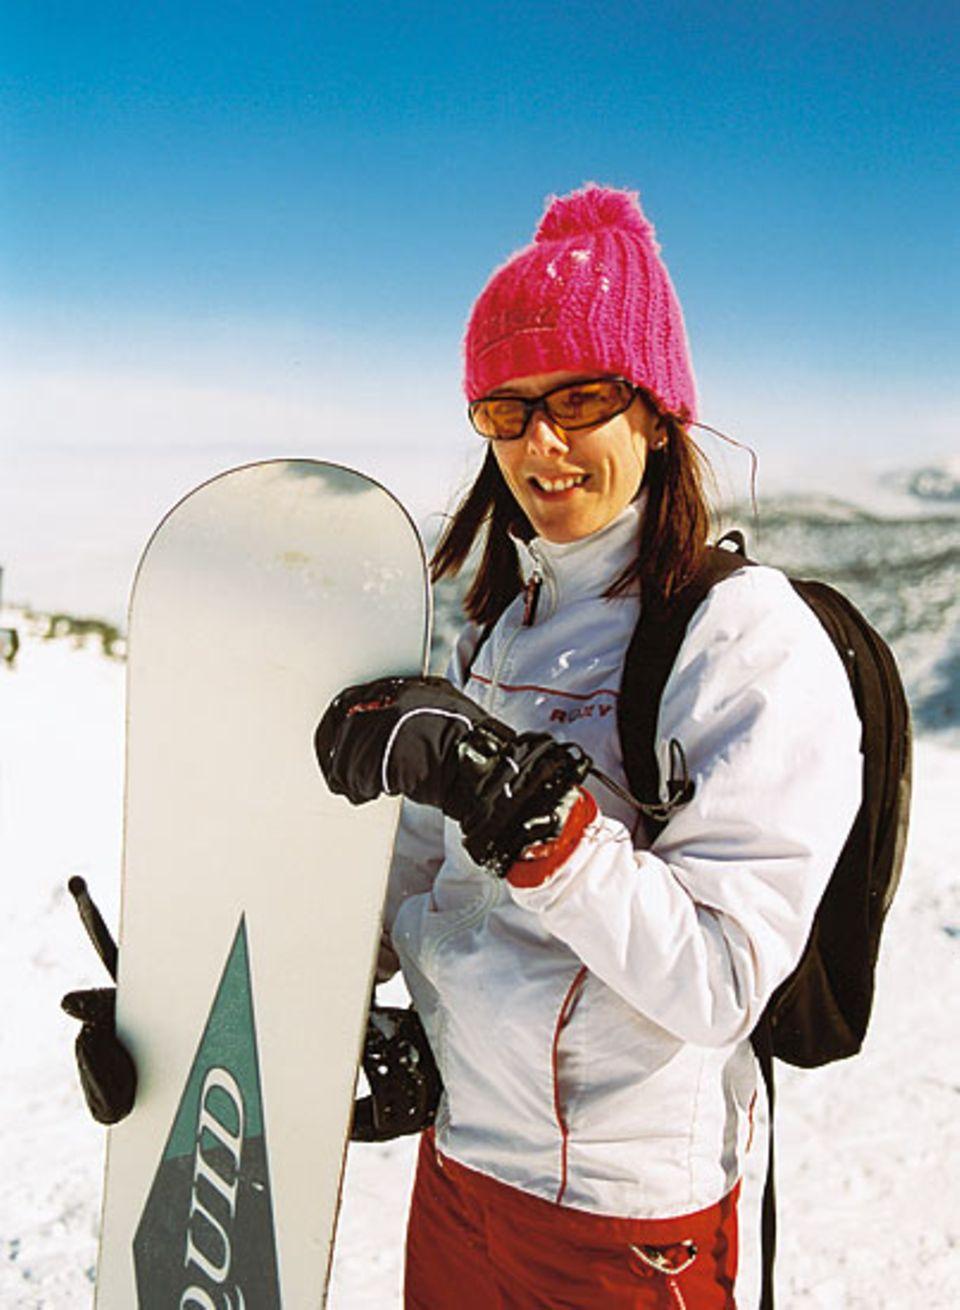 Mein erstes Snowboard, mein erster Winterurlaub: Jill aus England ist begeistert - auch vom Nachtleben in Bansko